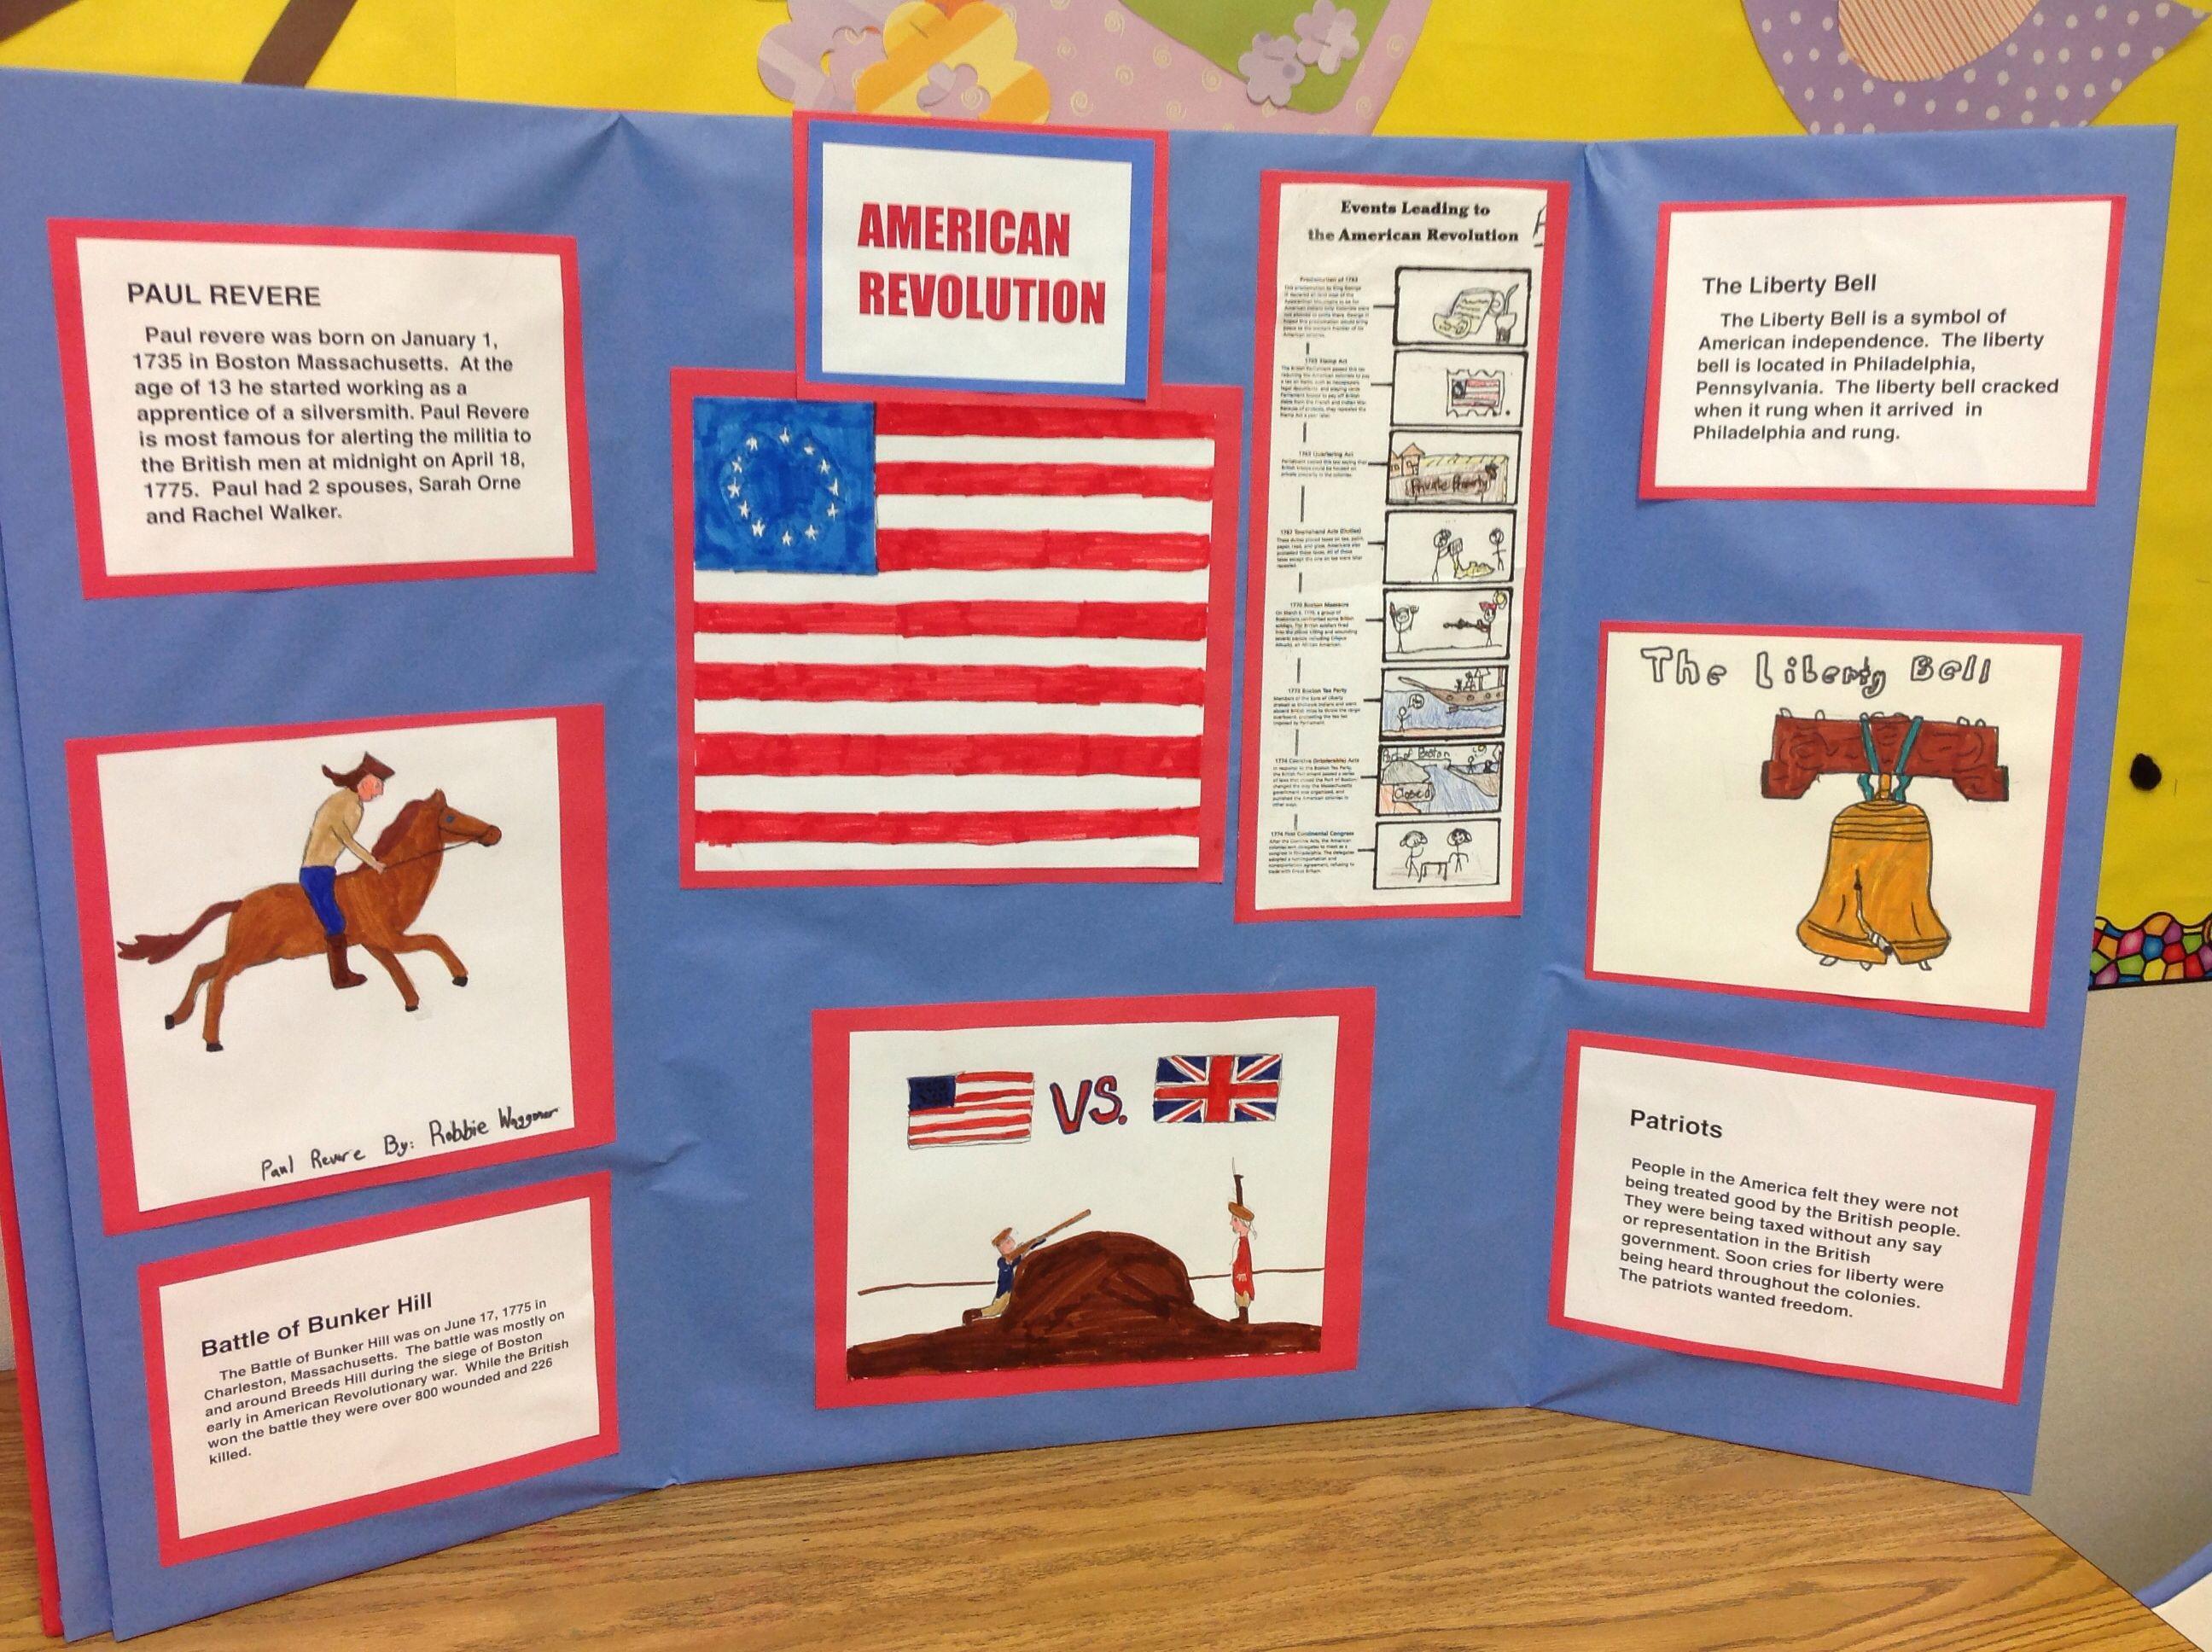 American revolution poster 5th grade 5th grade social